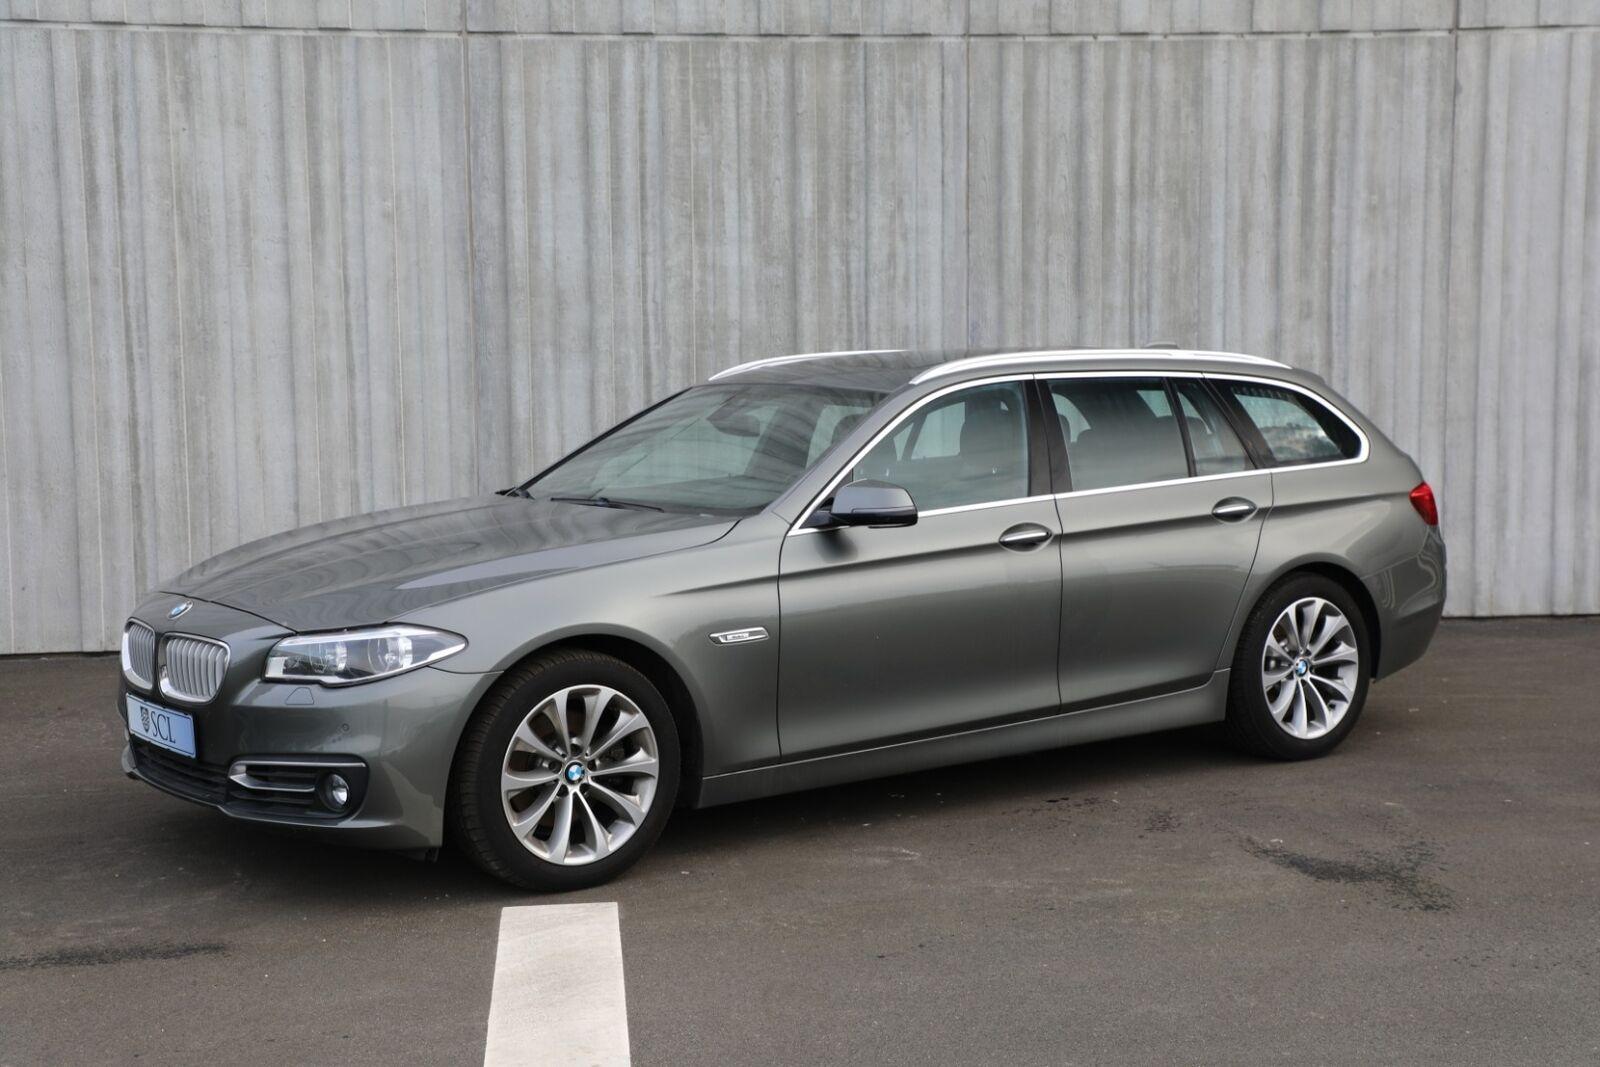 BMW 520d 2,0 Touring aut. 5d - 1.889 kr.